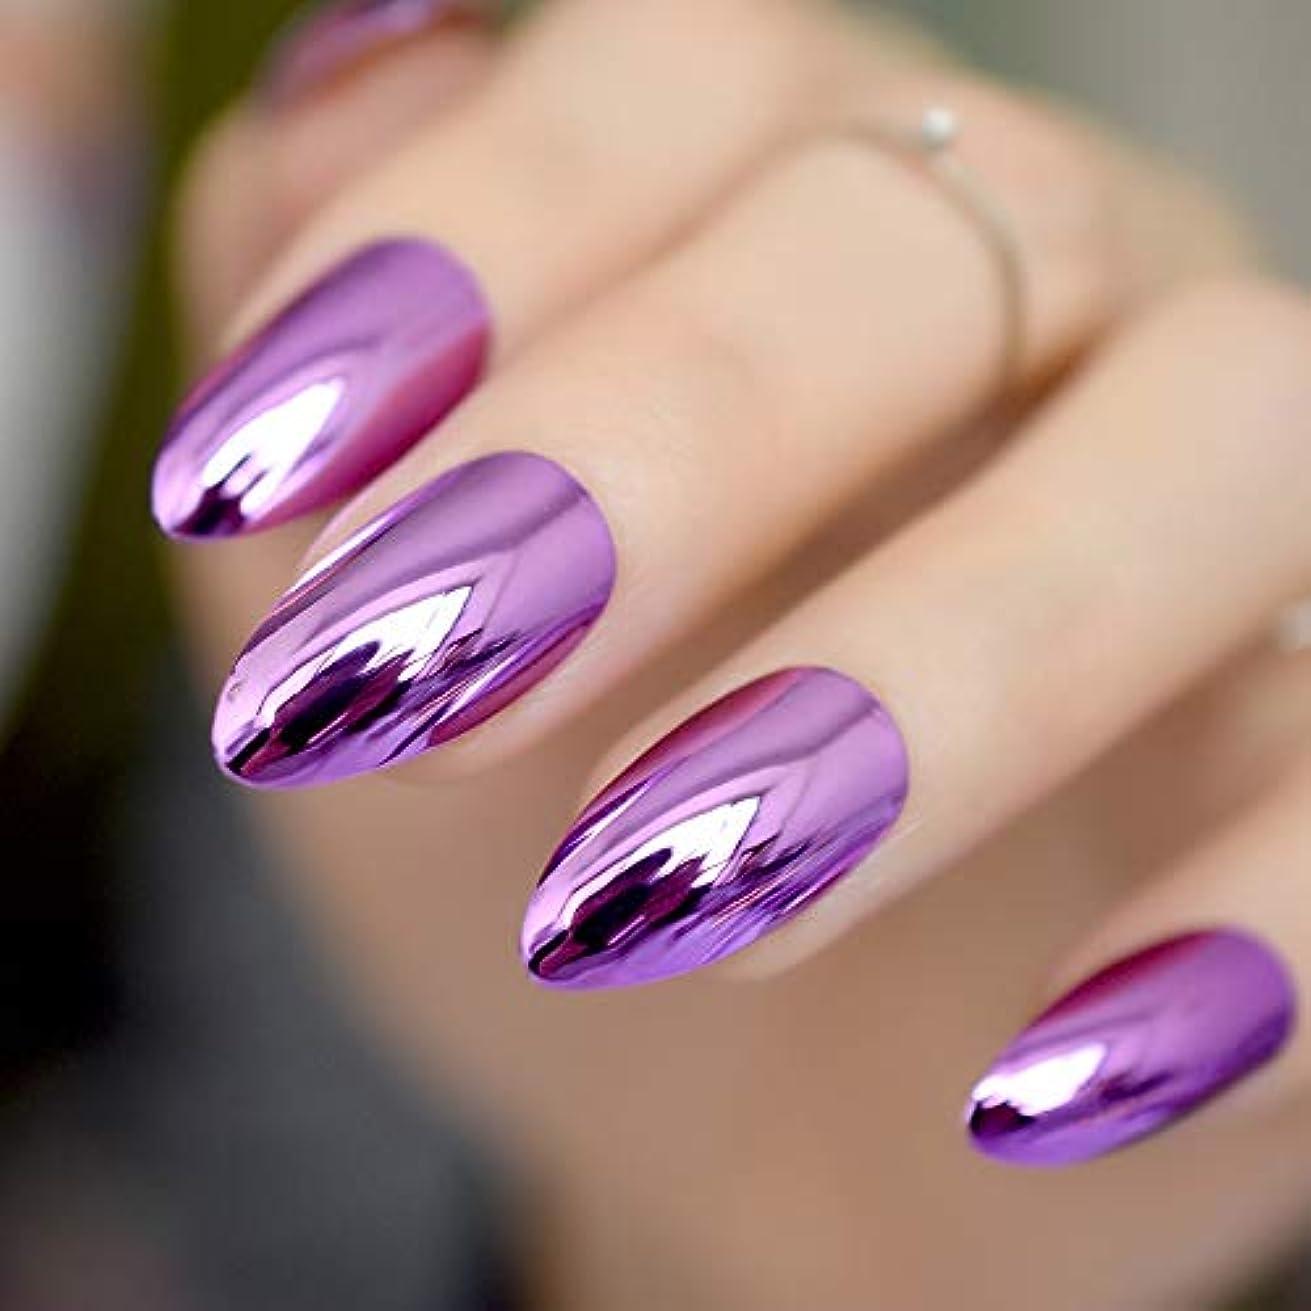 傑作静かなポジティブXUTXZKA 女性の指のヒントのためのアクリルパープル偽ネイルメタルミラー偽ネイルミディアムシャープスチレットネイル